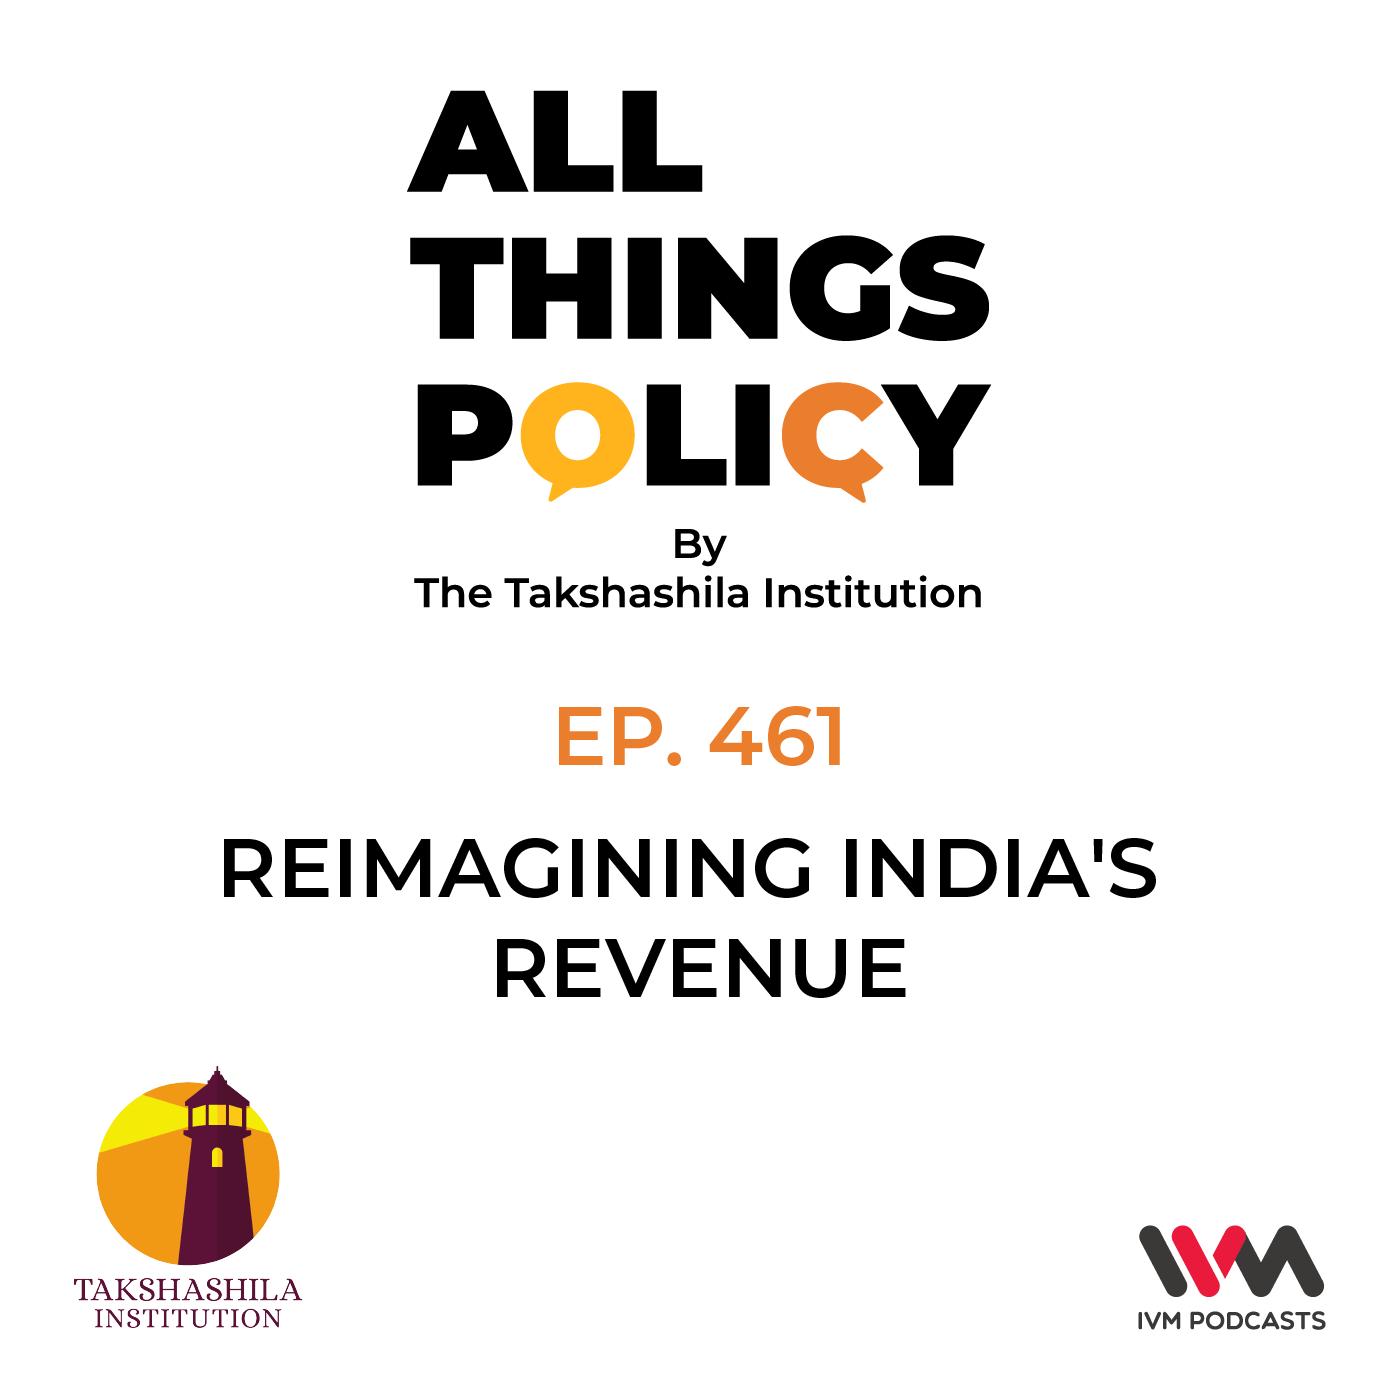 Ep. 461: India's Marathon: Surya Prakash BS on Reimagining India's Revenue